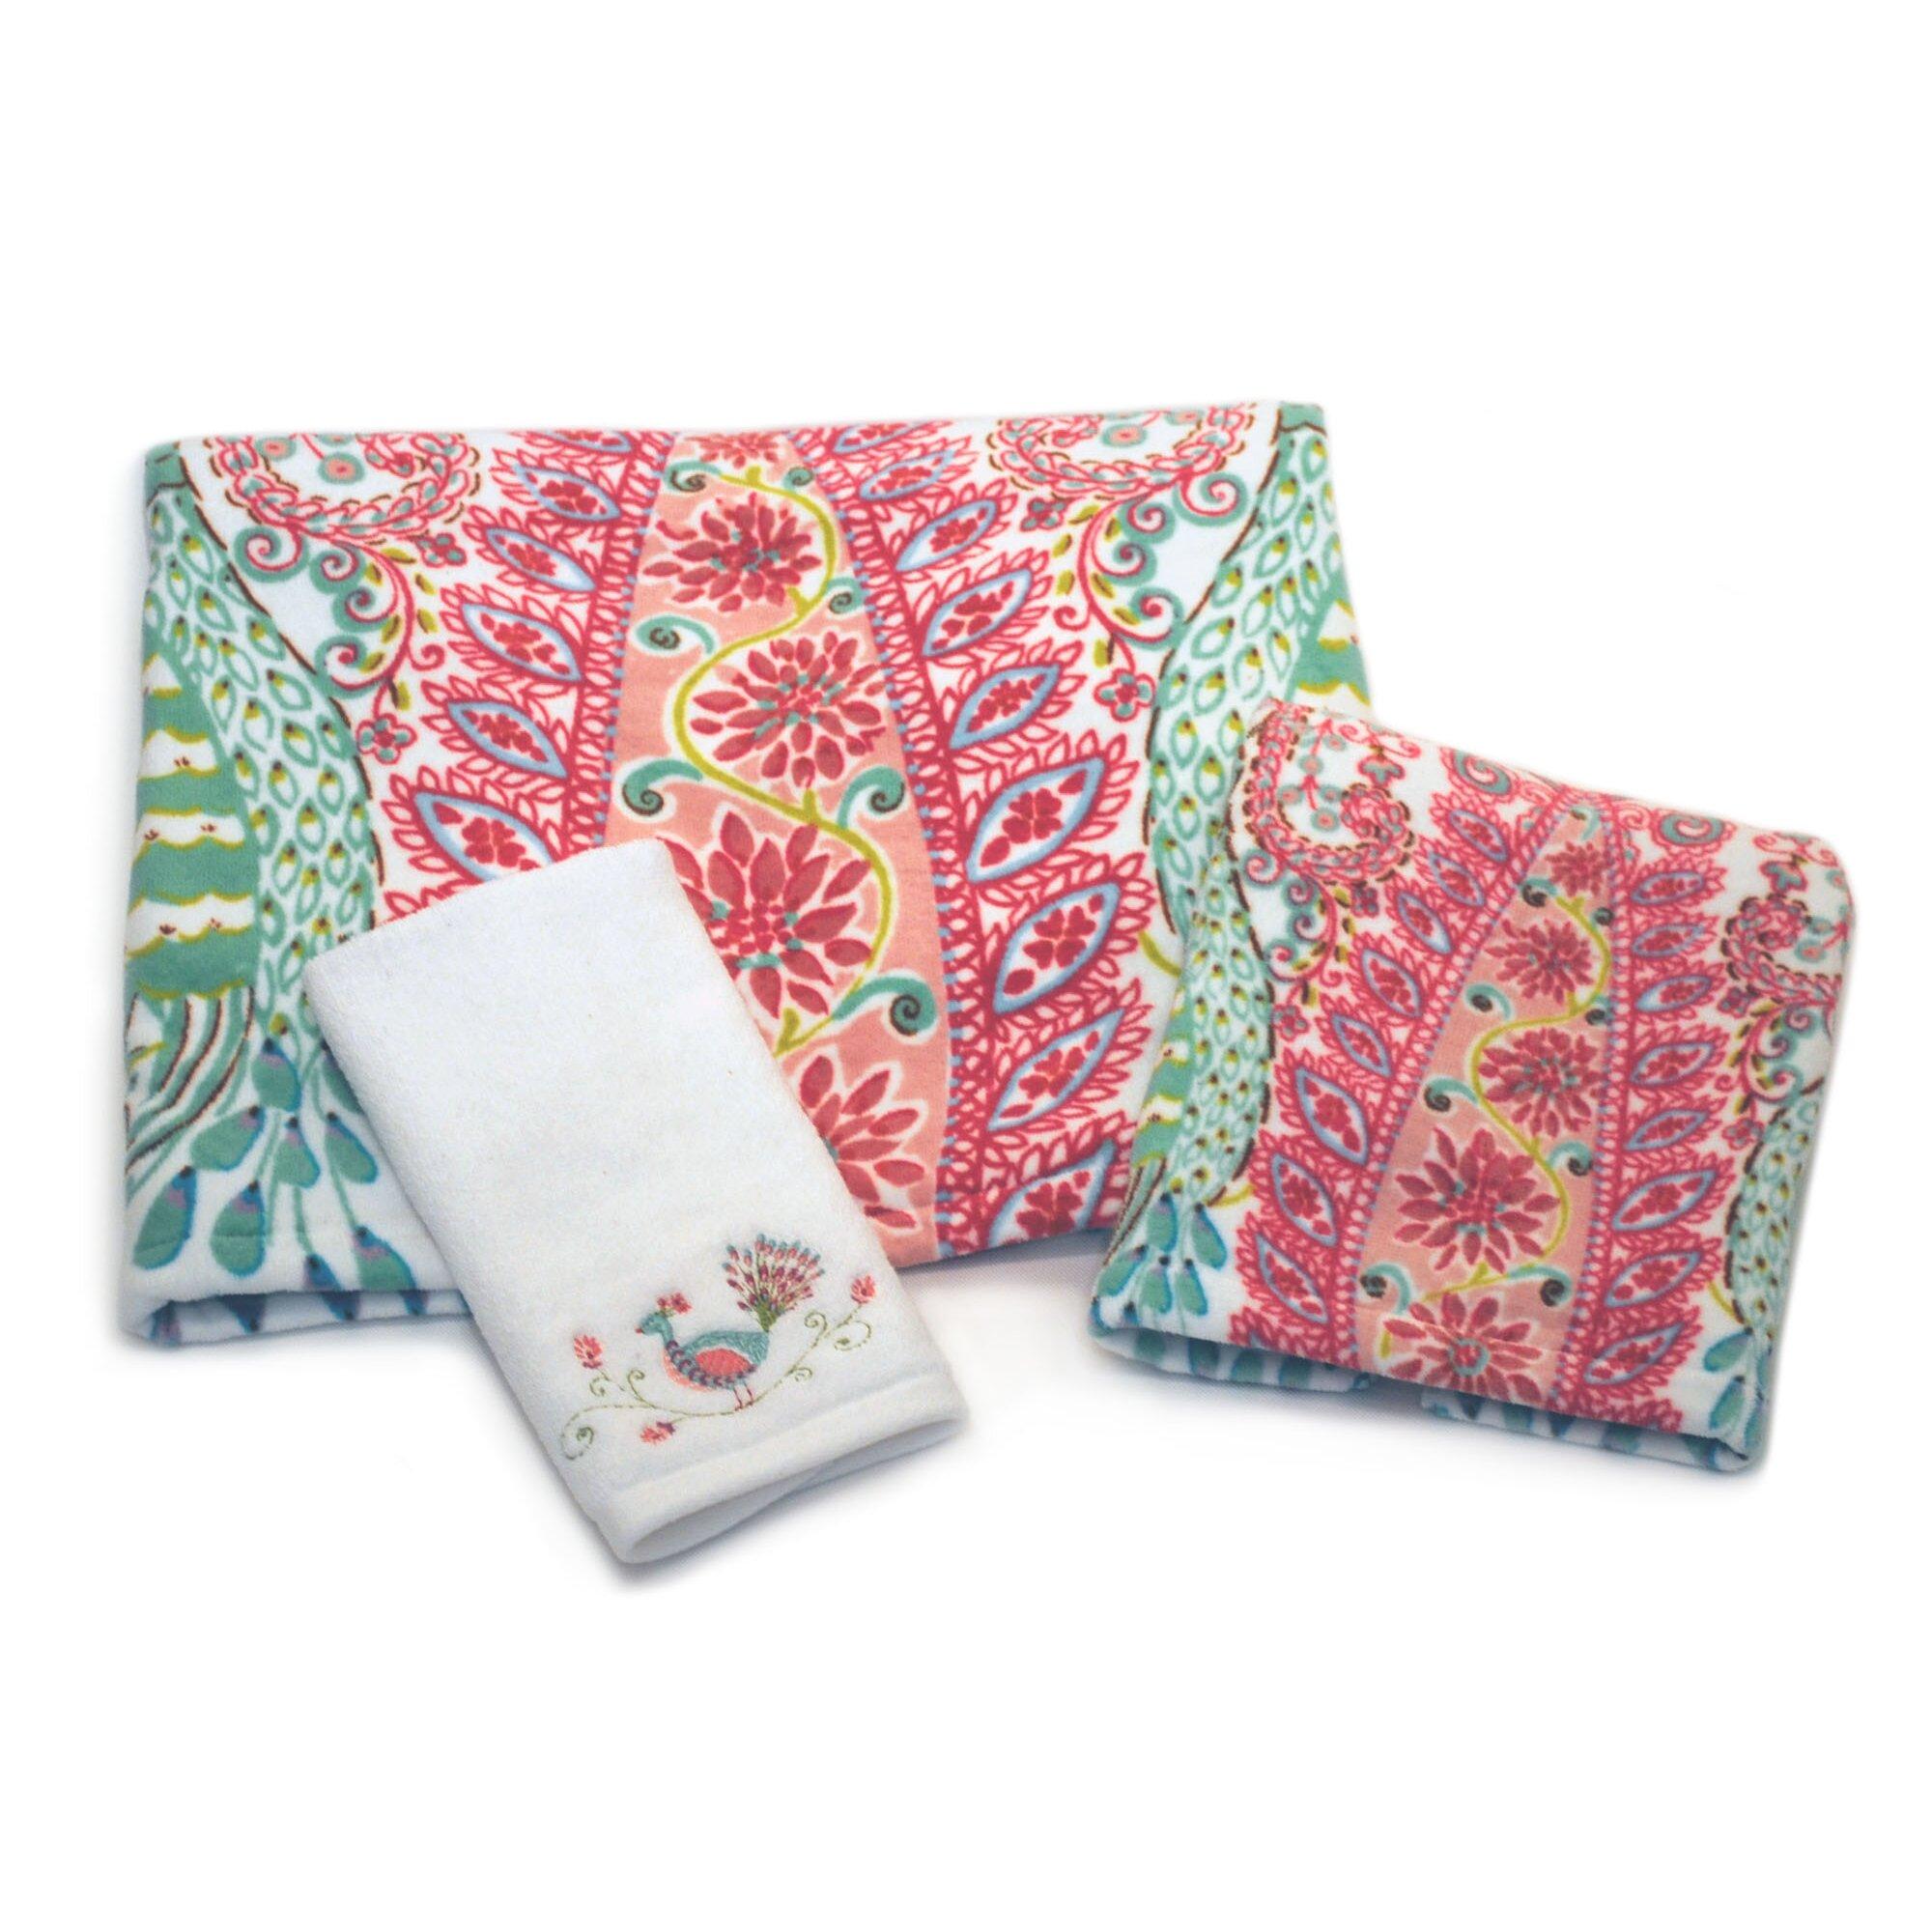 Dena Designs Peacock Hand Towel & Reviews | Wayfair